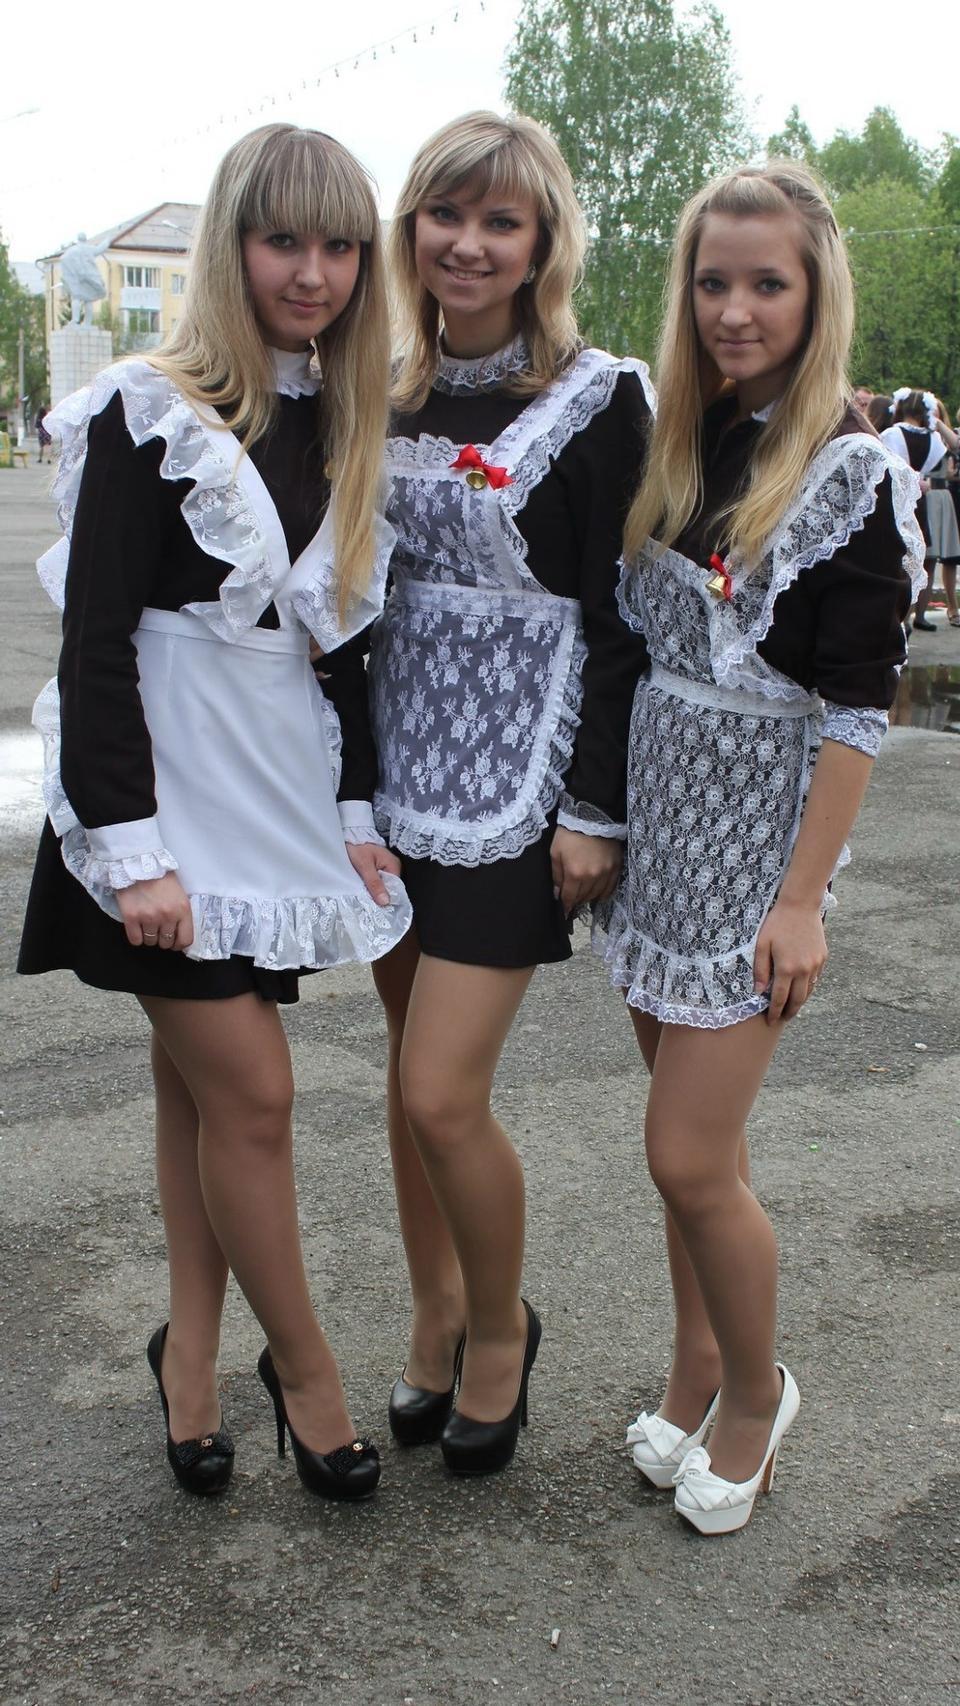 Russian cuty school girls